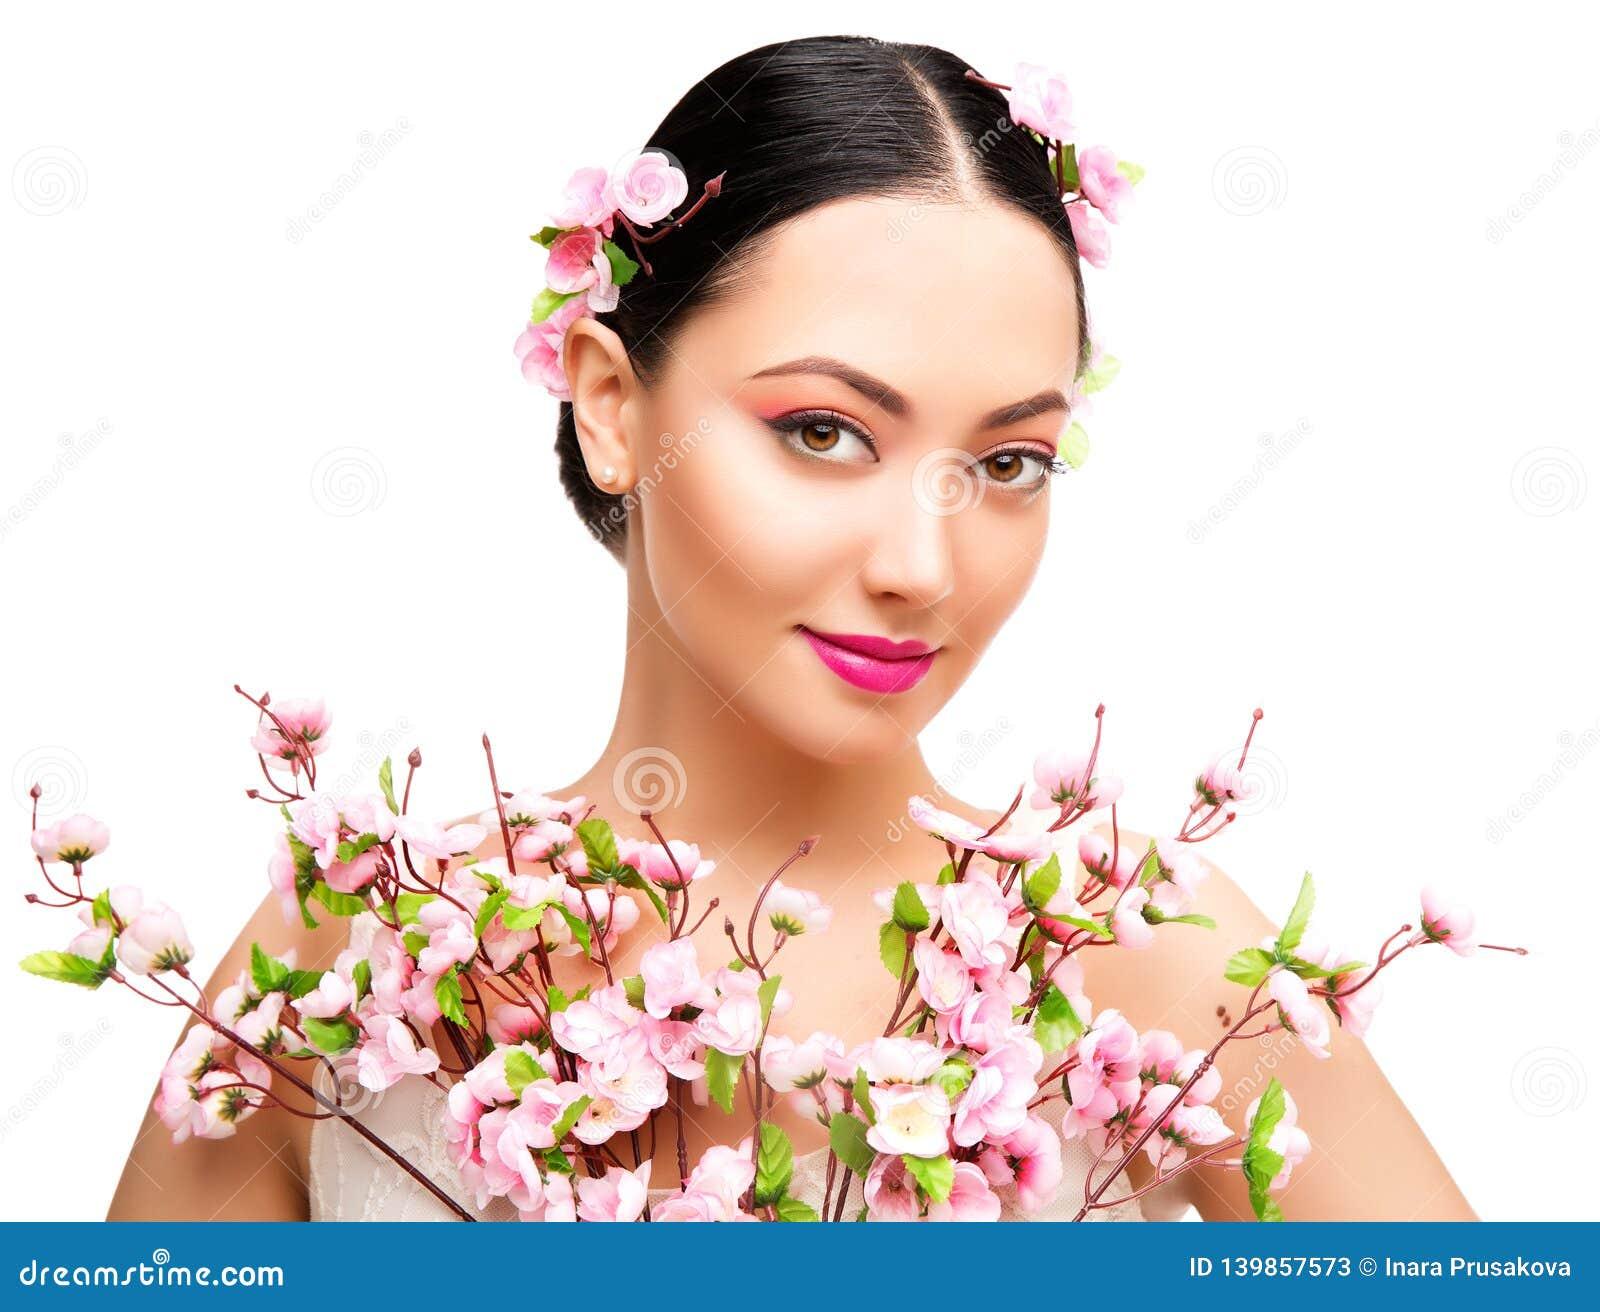 Frauen-Schönheits-Make-up in Sakura Flowers, Mode-Modell Studio Portrait, schönes Mädchen, Whte